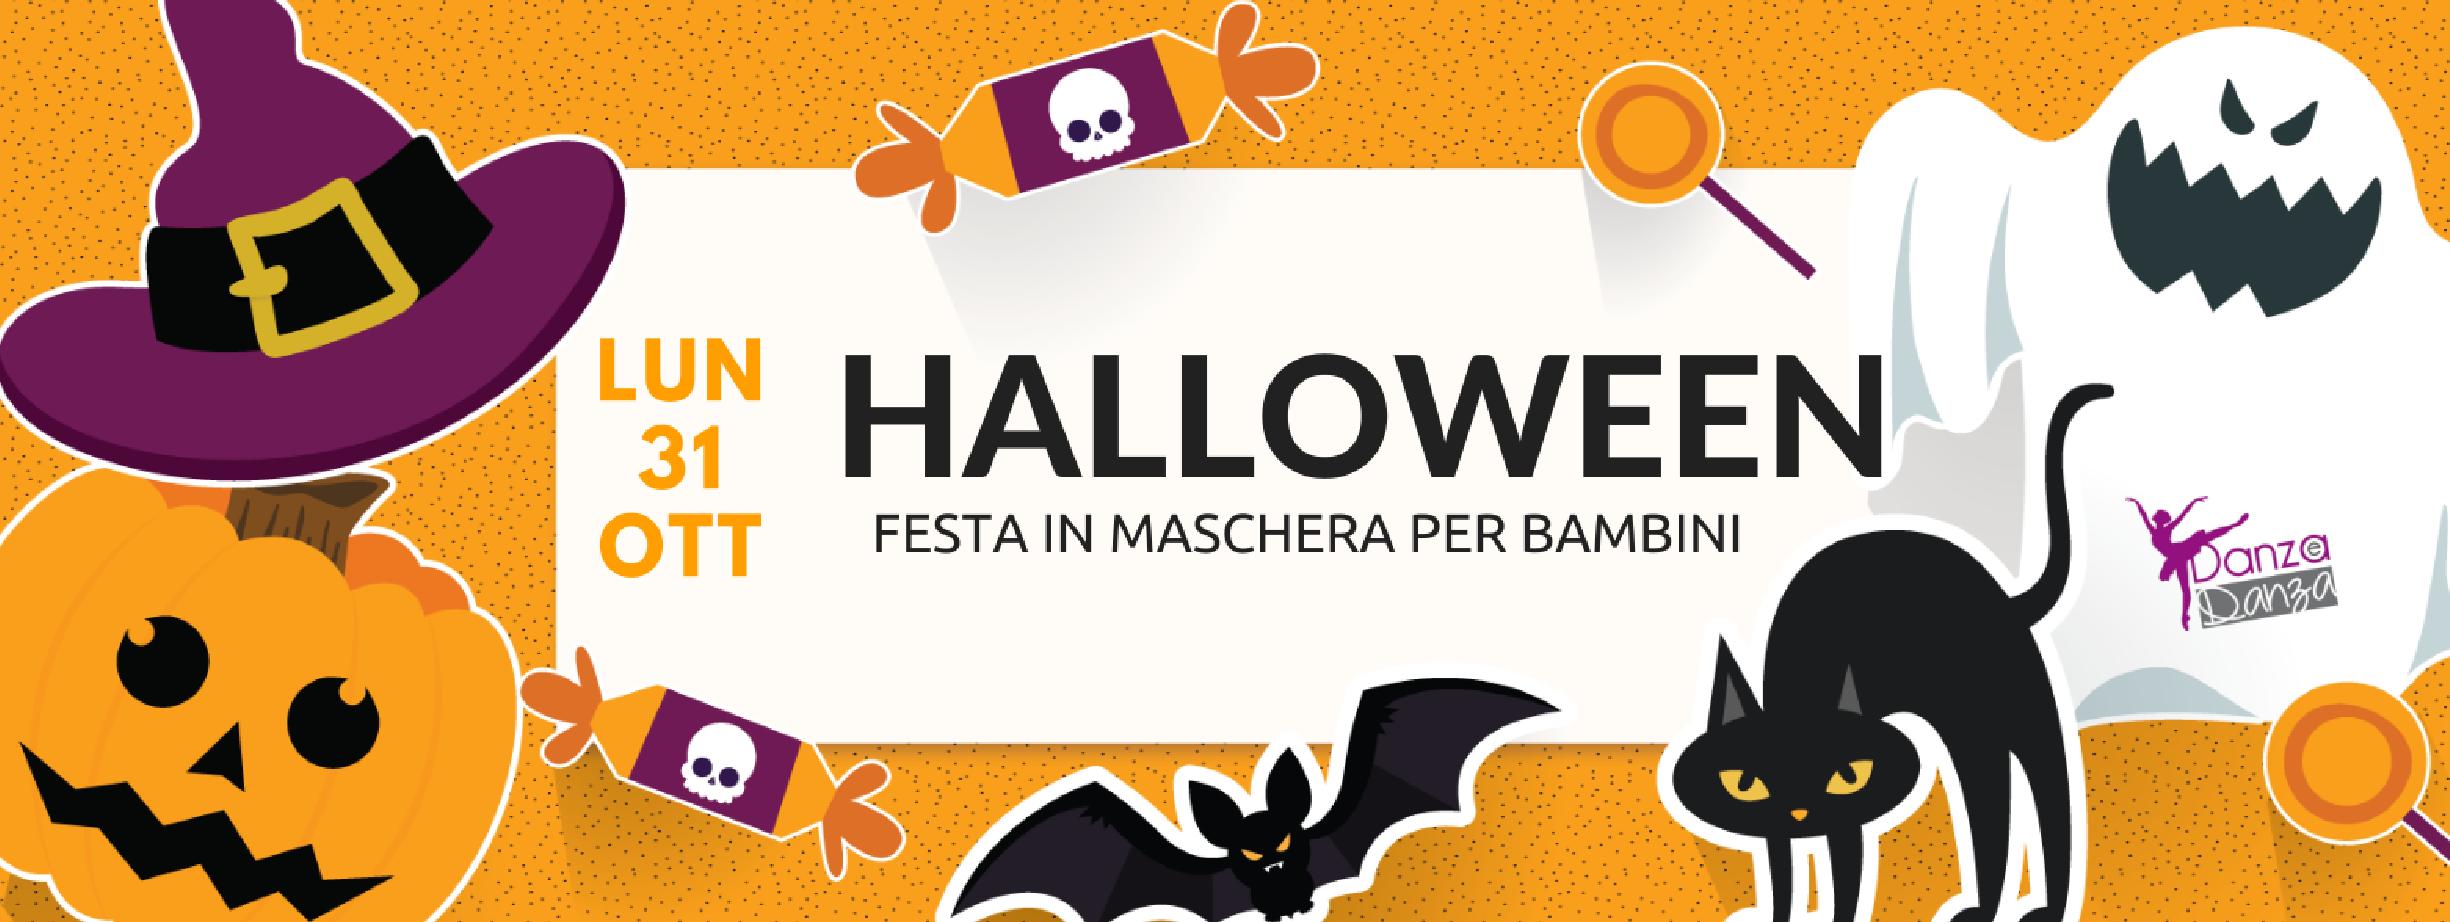 Festa di Halloween per bambini a Camisano Vicentino!